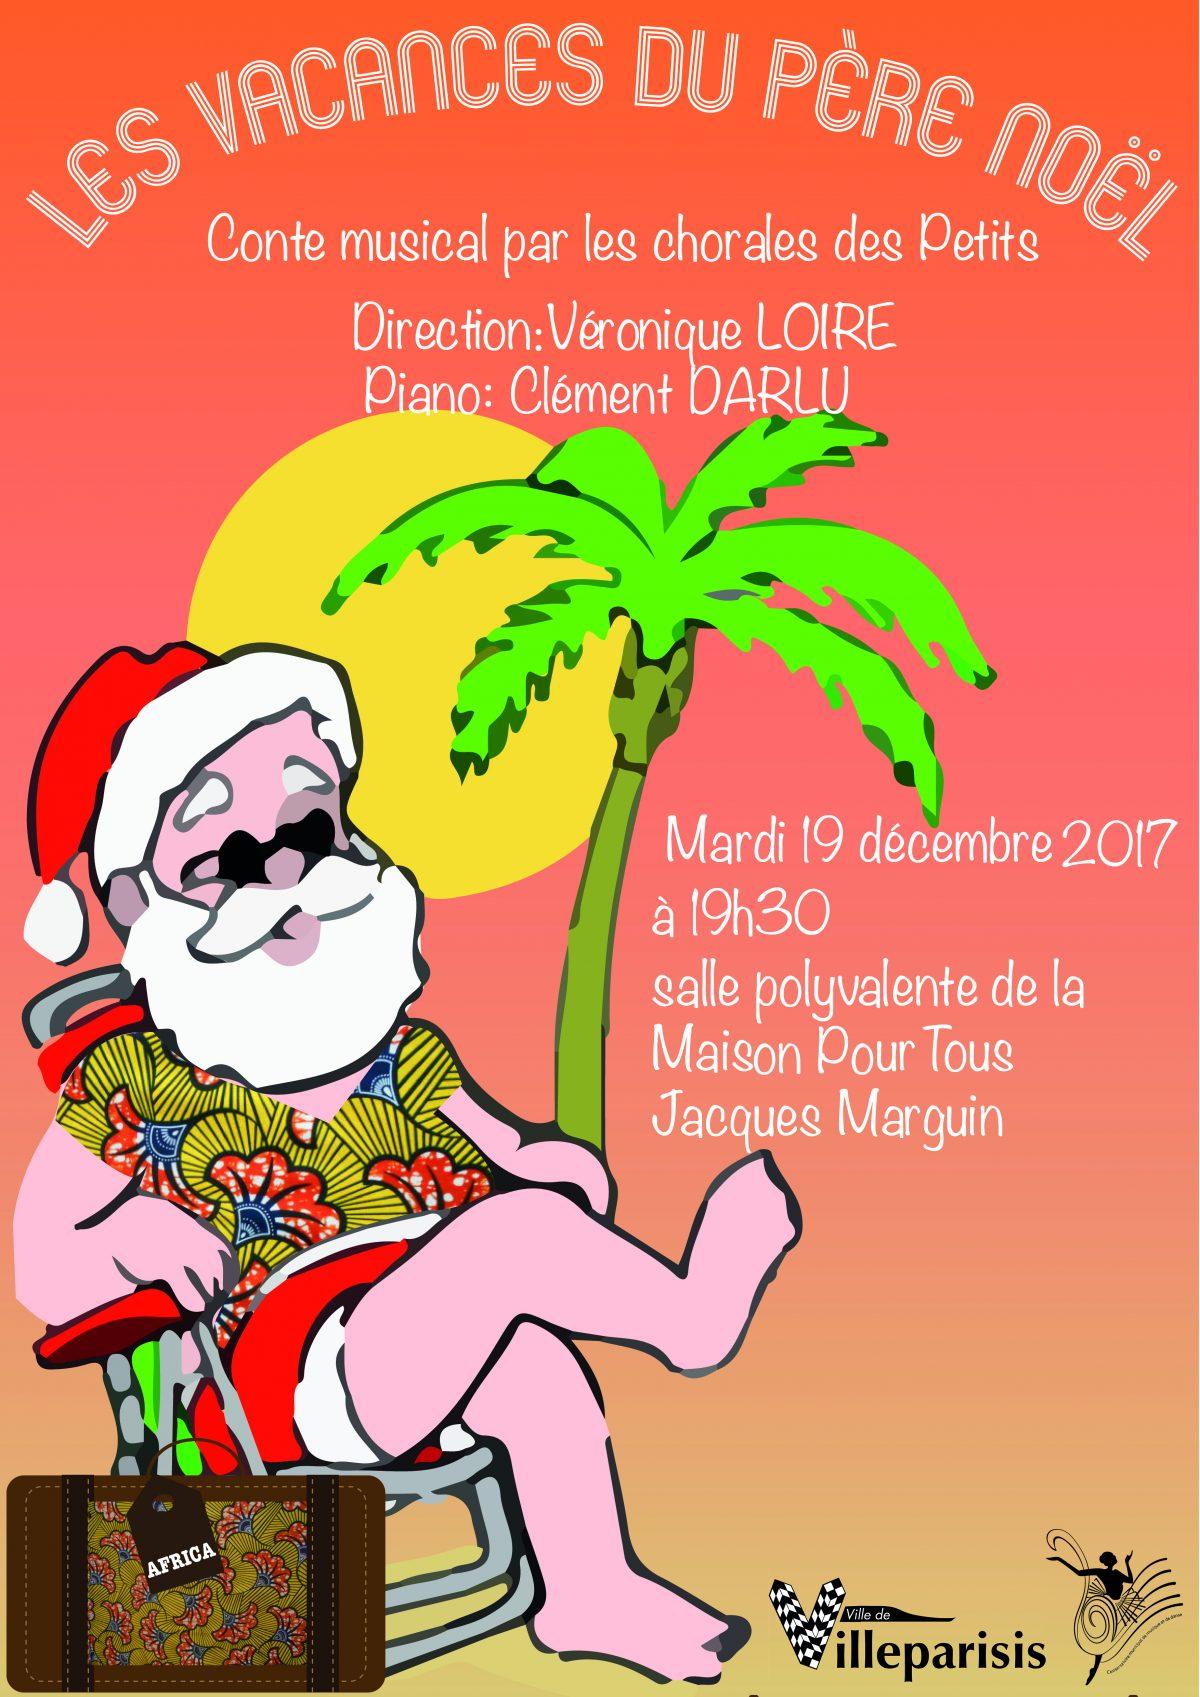 Conservatoire : « Les Vacances Du Père Noël » | Mairie De dedans Chansons Du Pere Noel